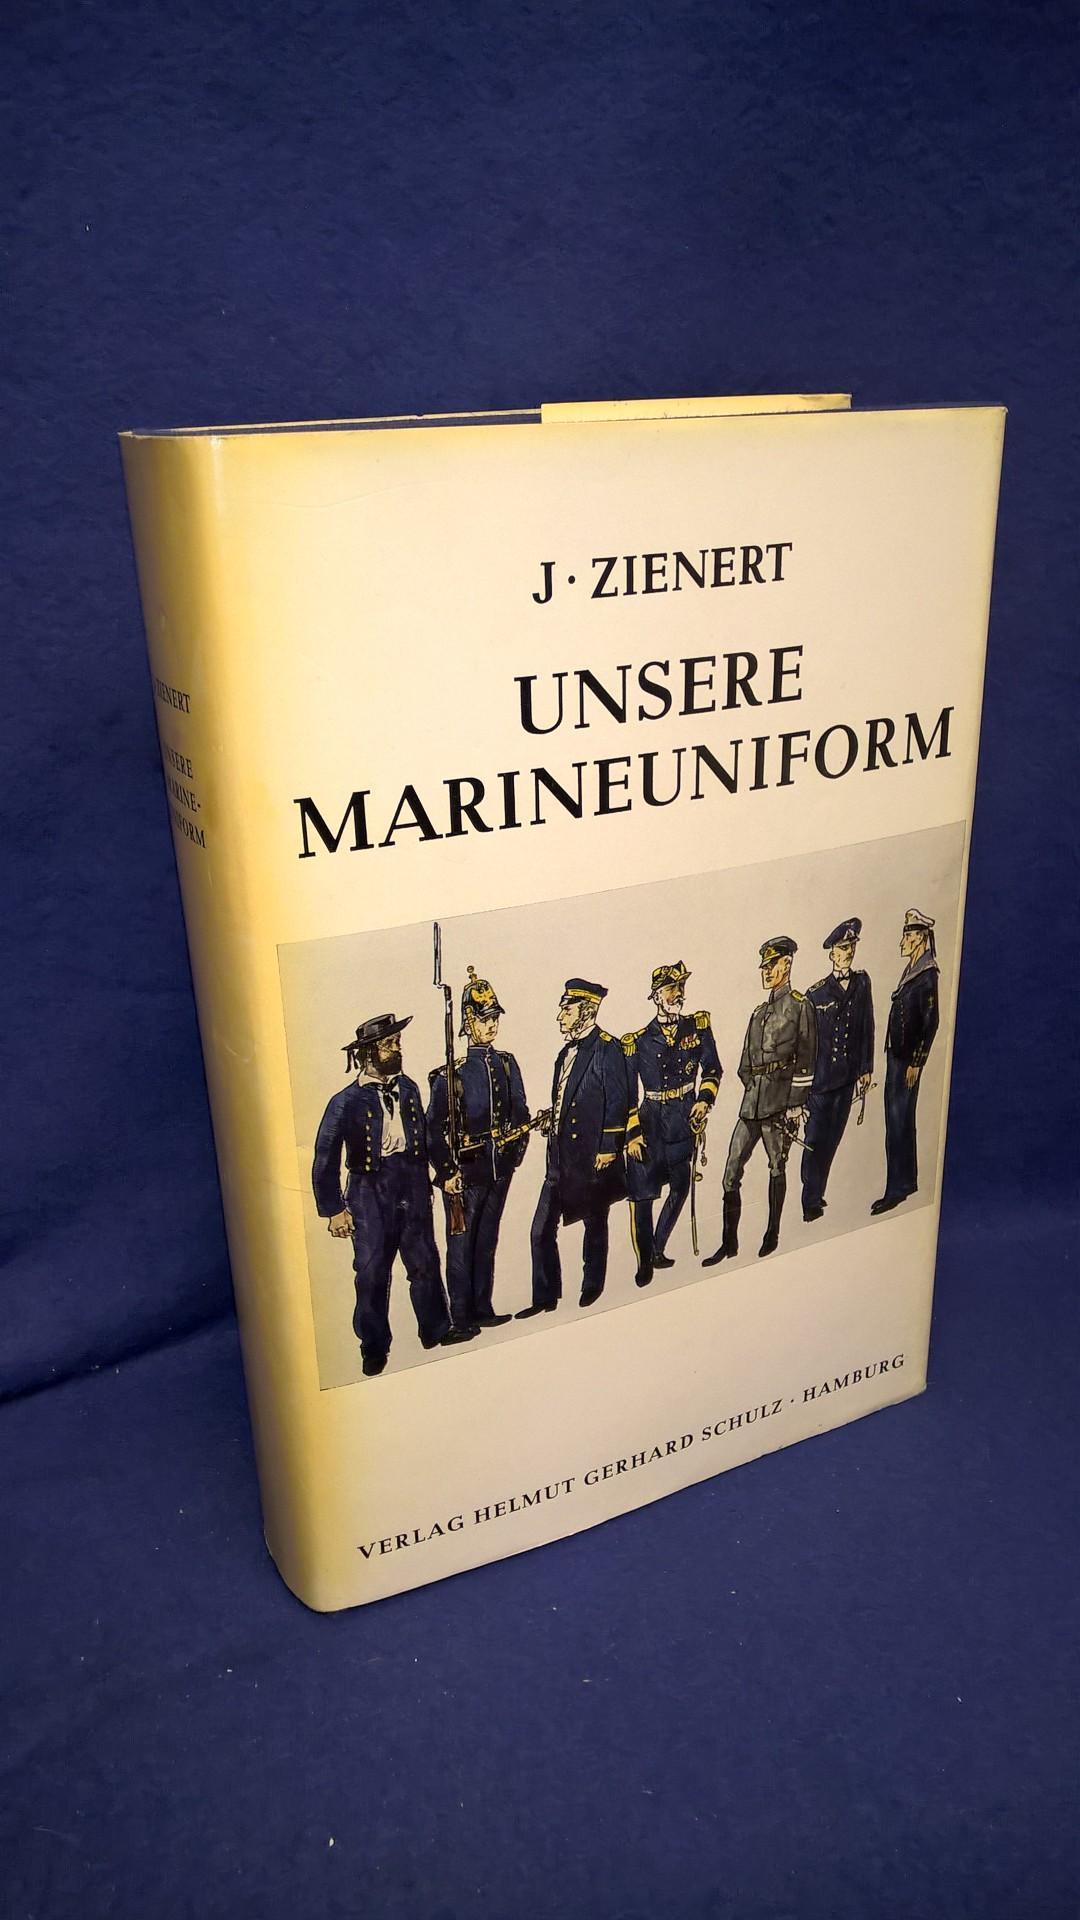 Unsere Marineuniform. Ihre geschichtliche Entstehung seit den ersten Anfängen und ihre zeitgemäße Weiterentwicklung von 1816 bis 1969.